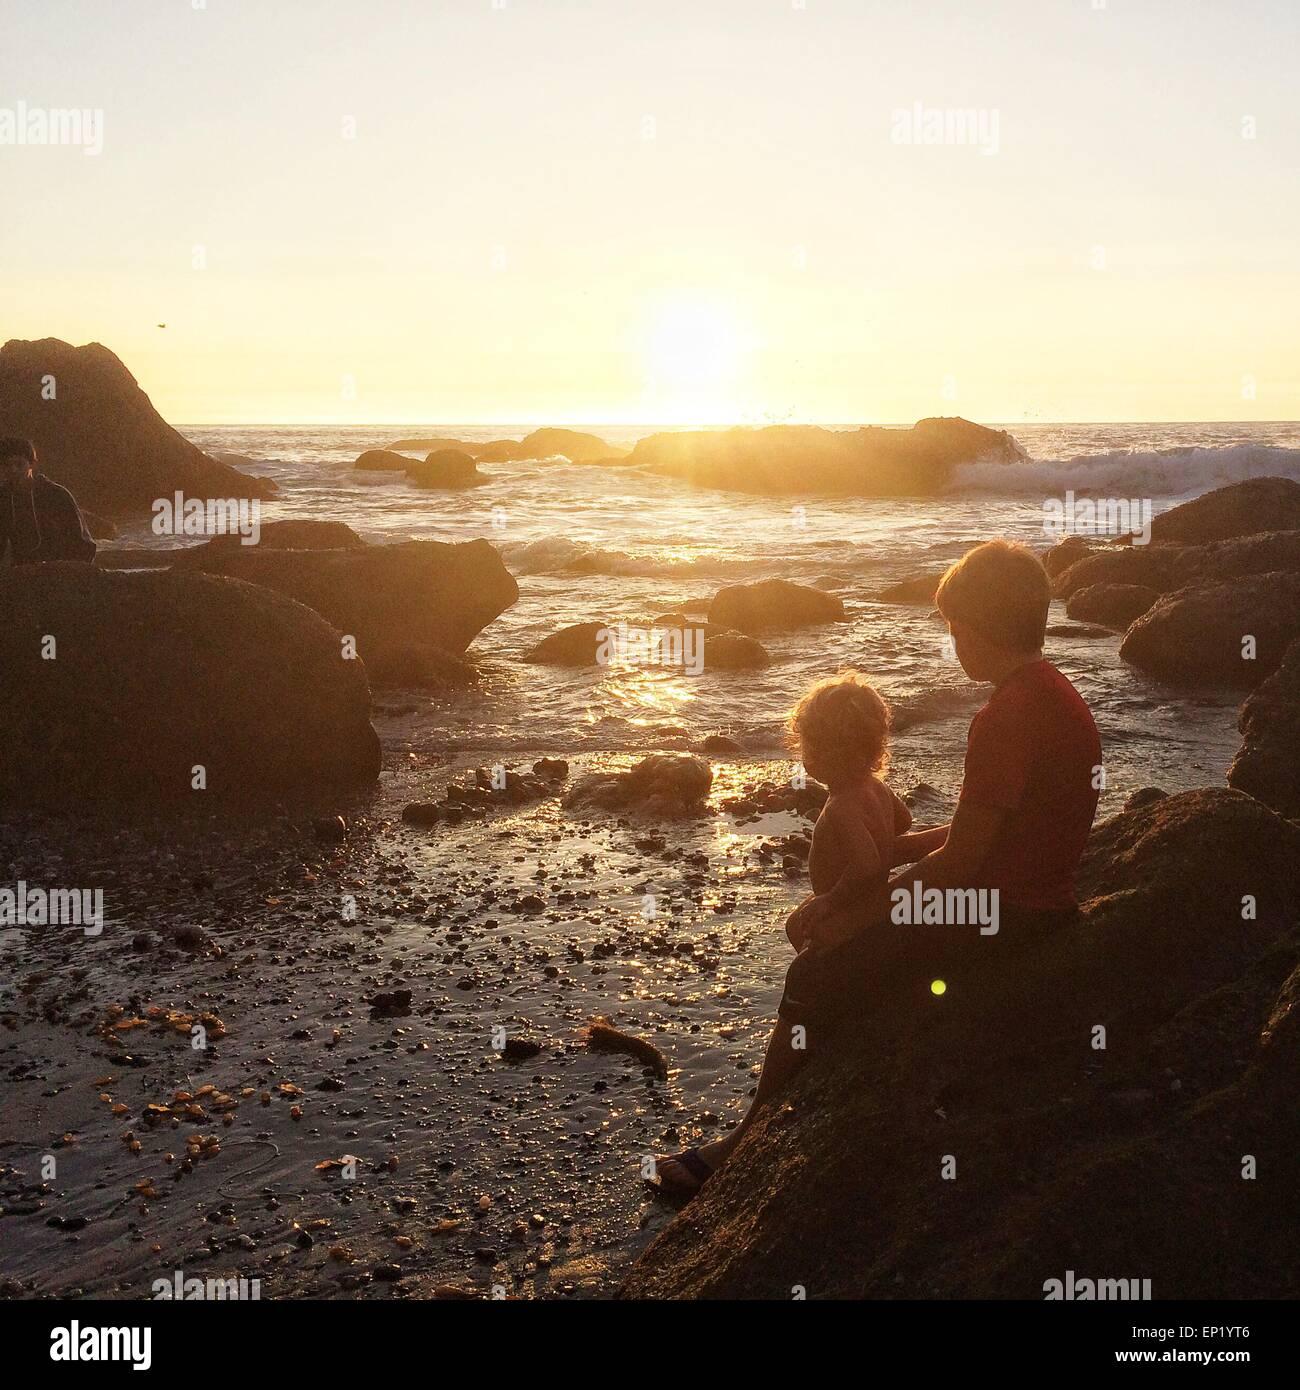 Deux garçons assis sur des pierres sur la plage au coucher du soleil, Dana Point, Californie, USA Photo Stock